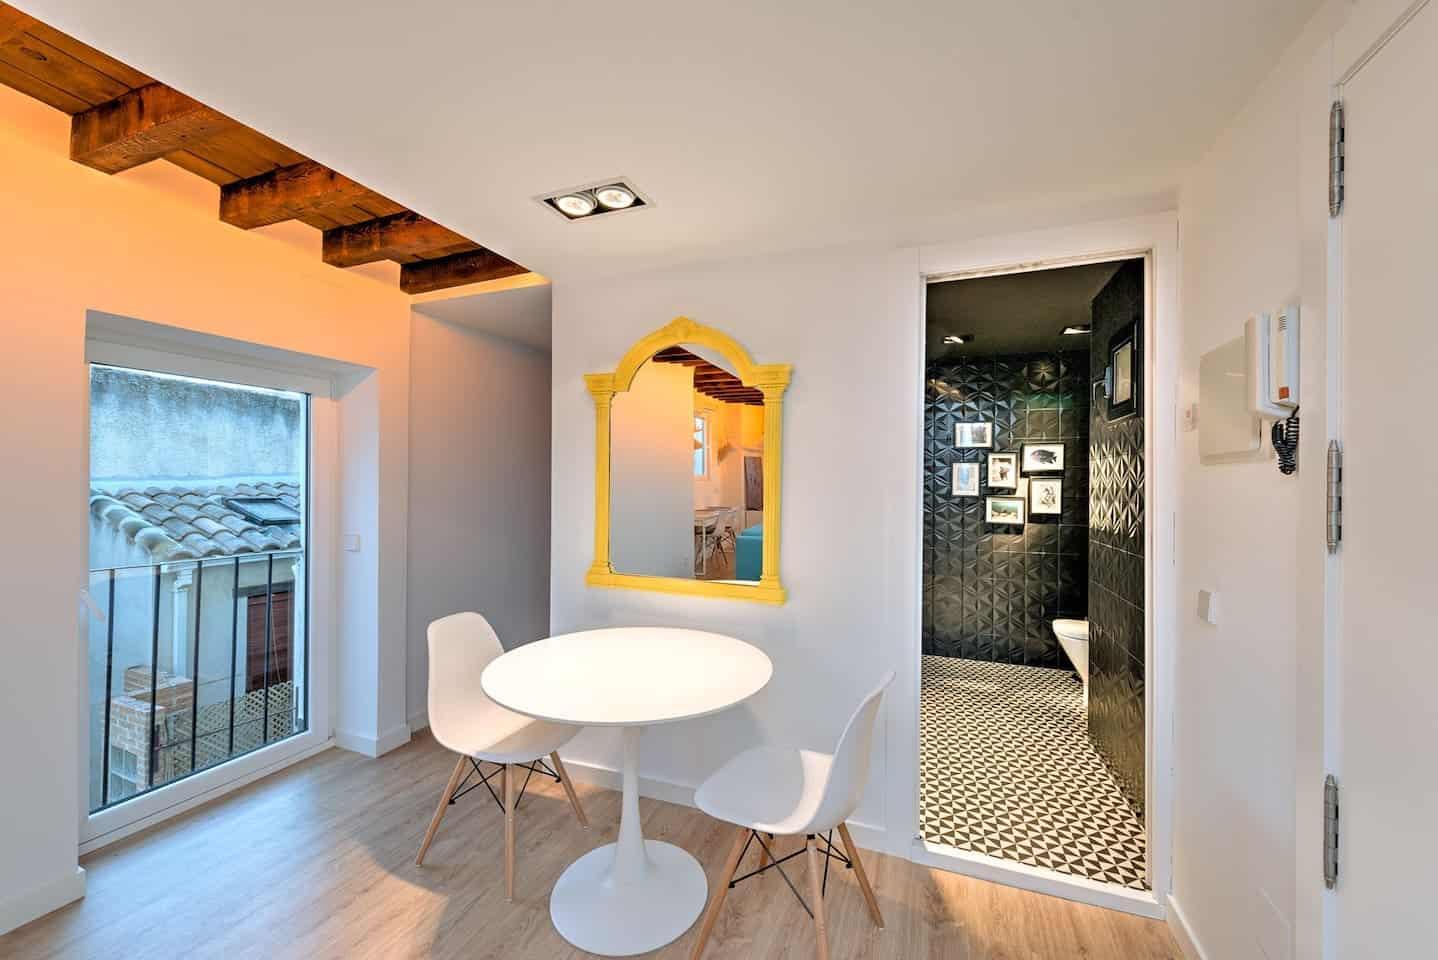 Image of Airbnb rental in Toledo, Spain